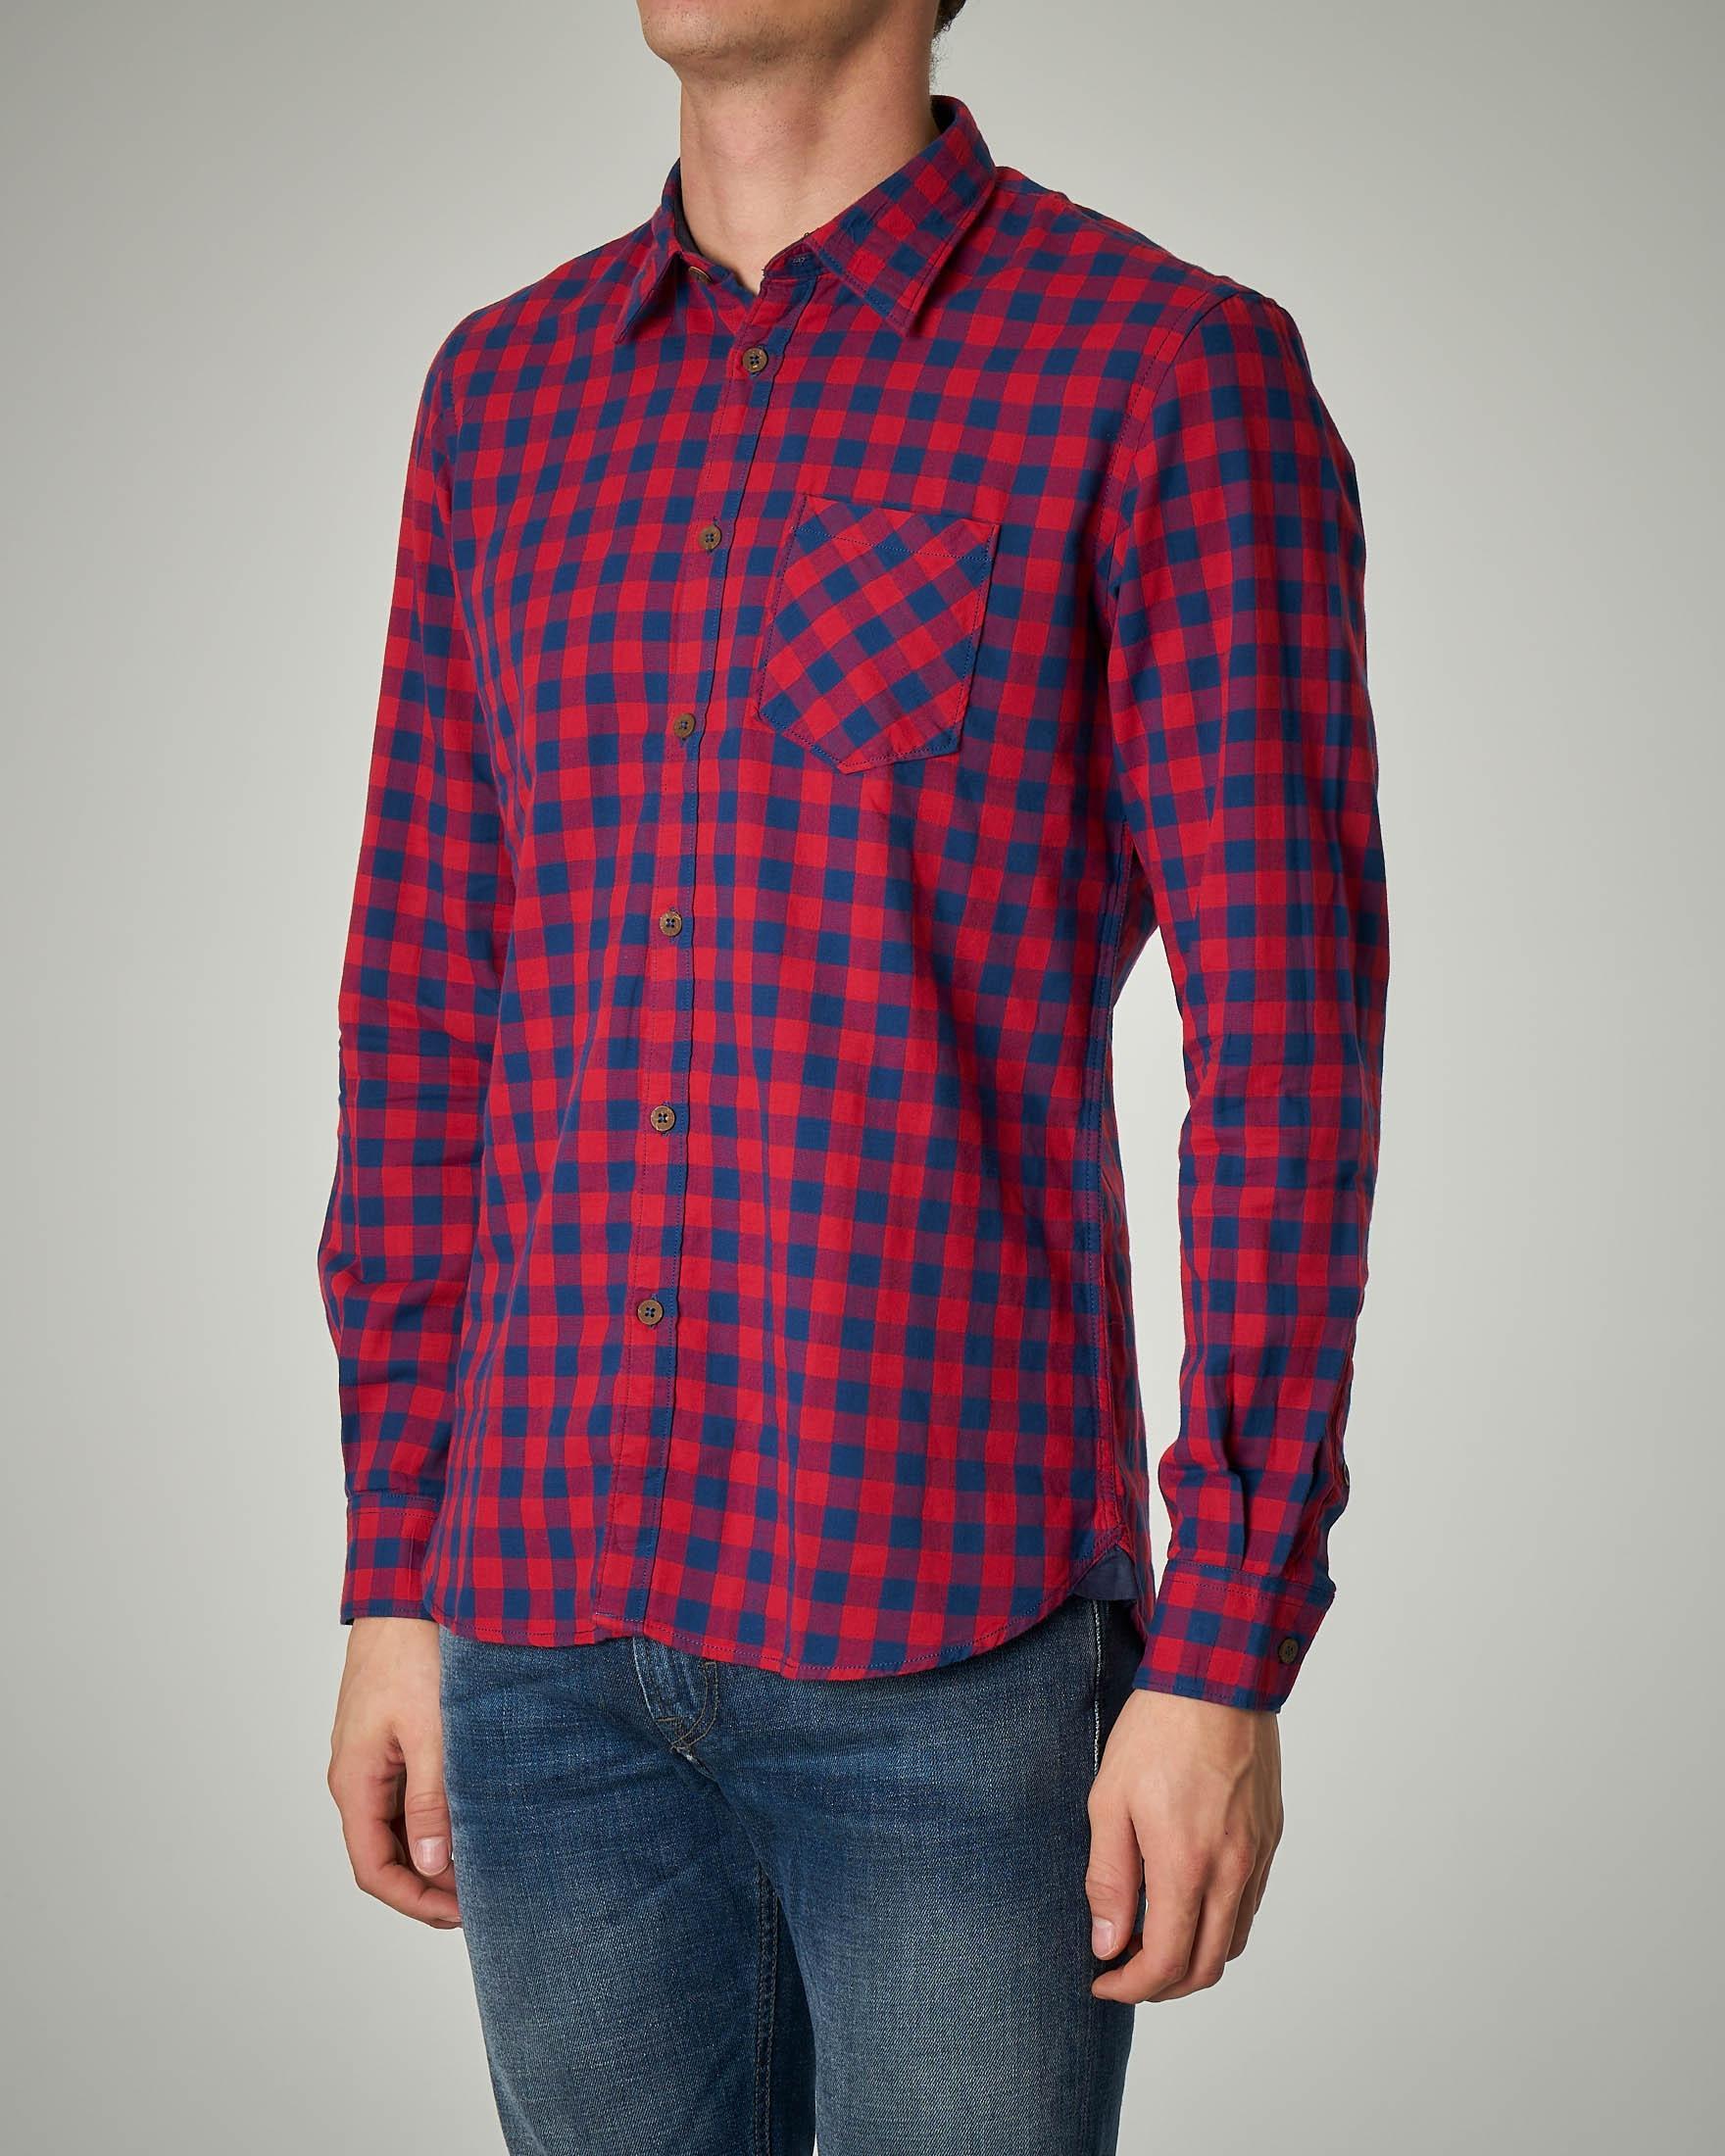 Camicia a quadri rossi e blu